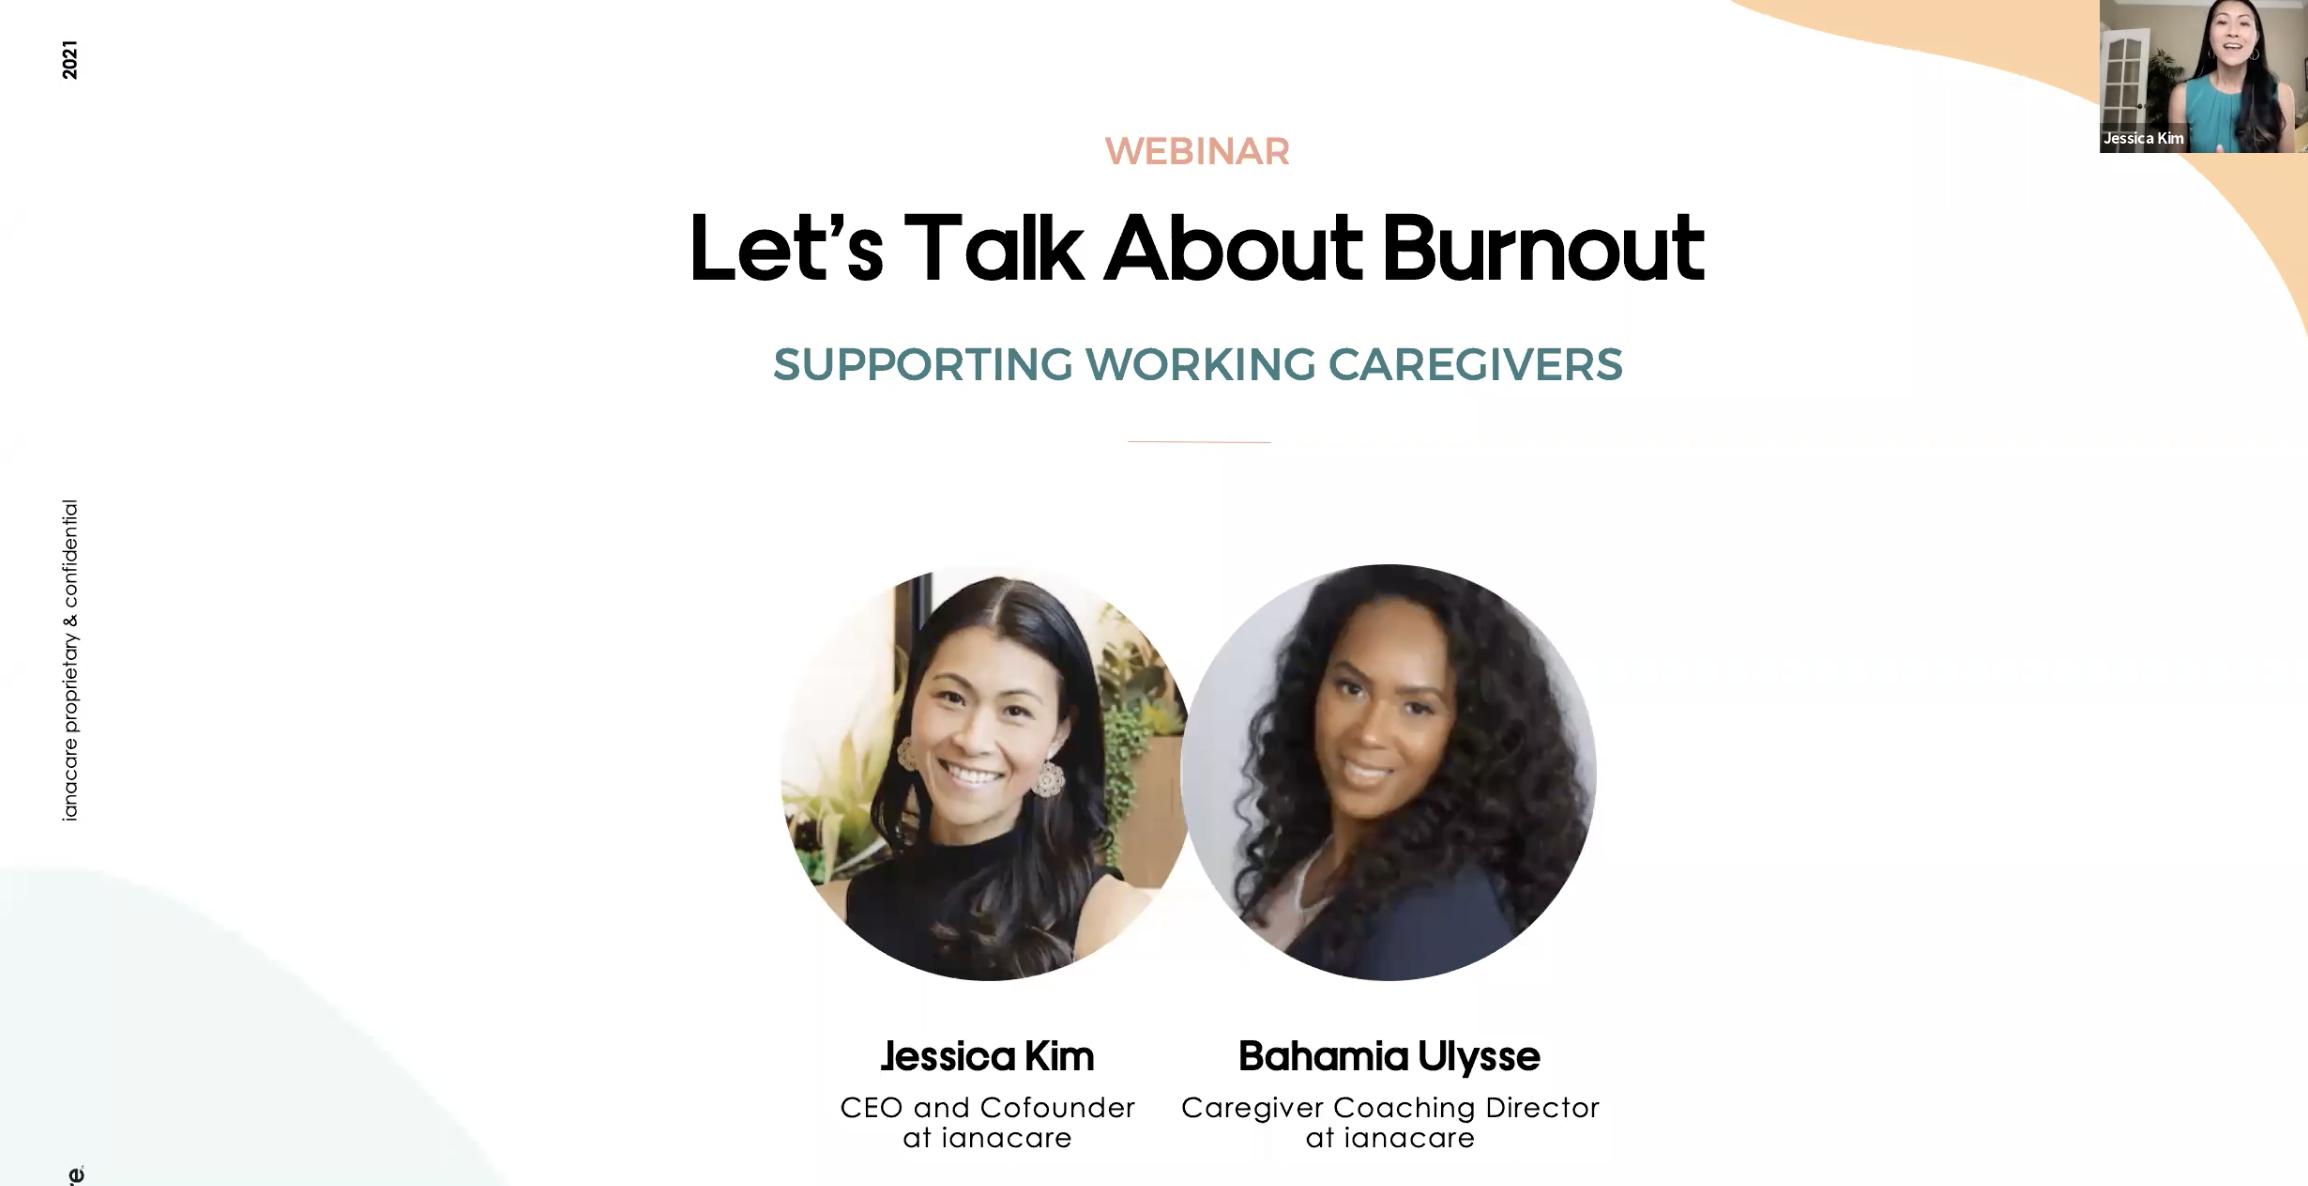 Watch:Let's Talk About Burnout